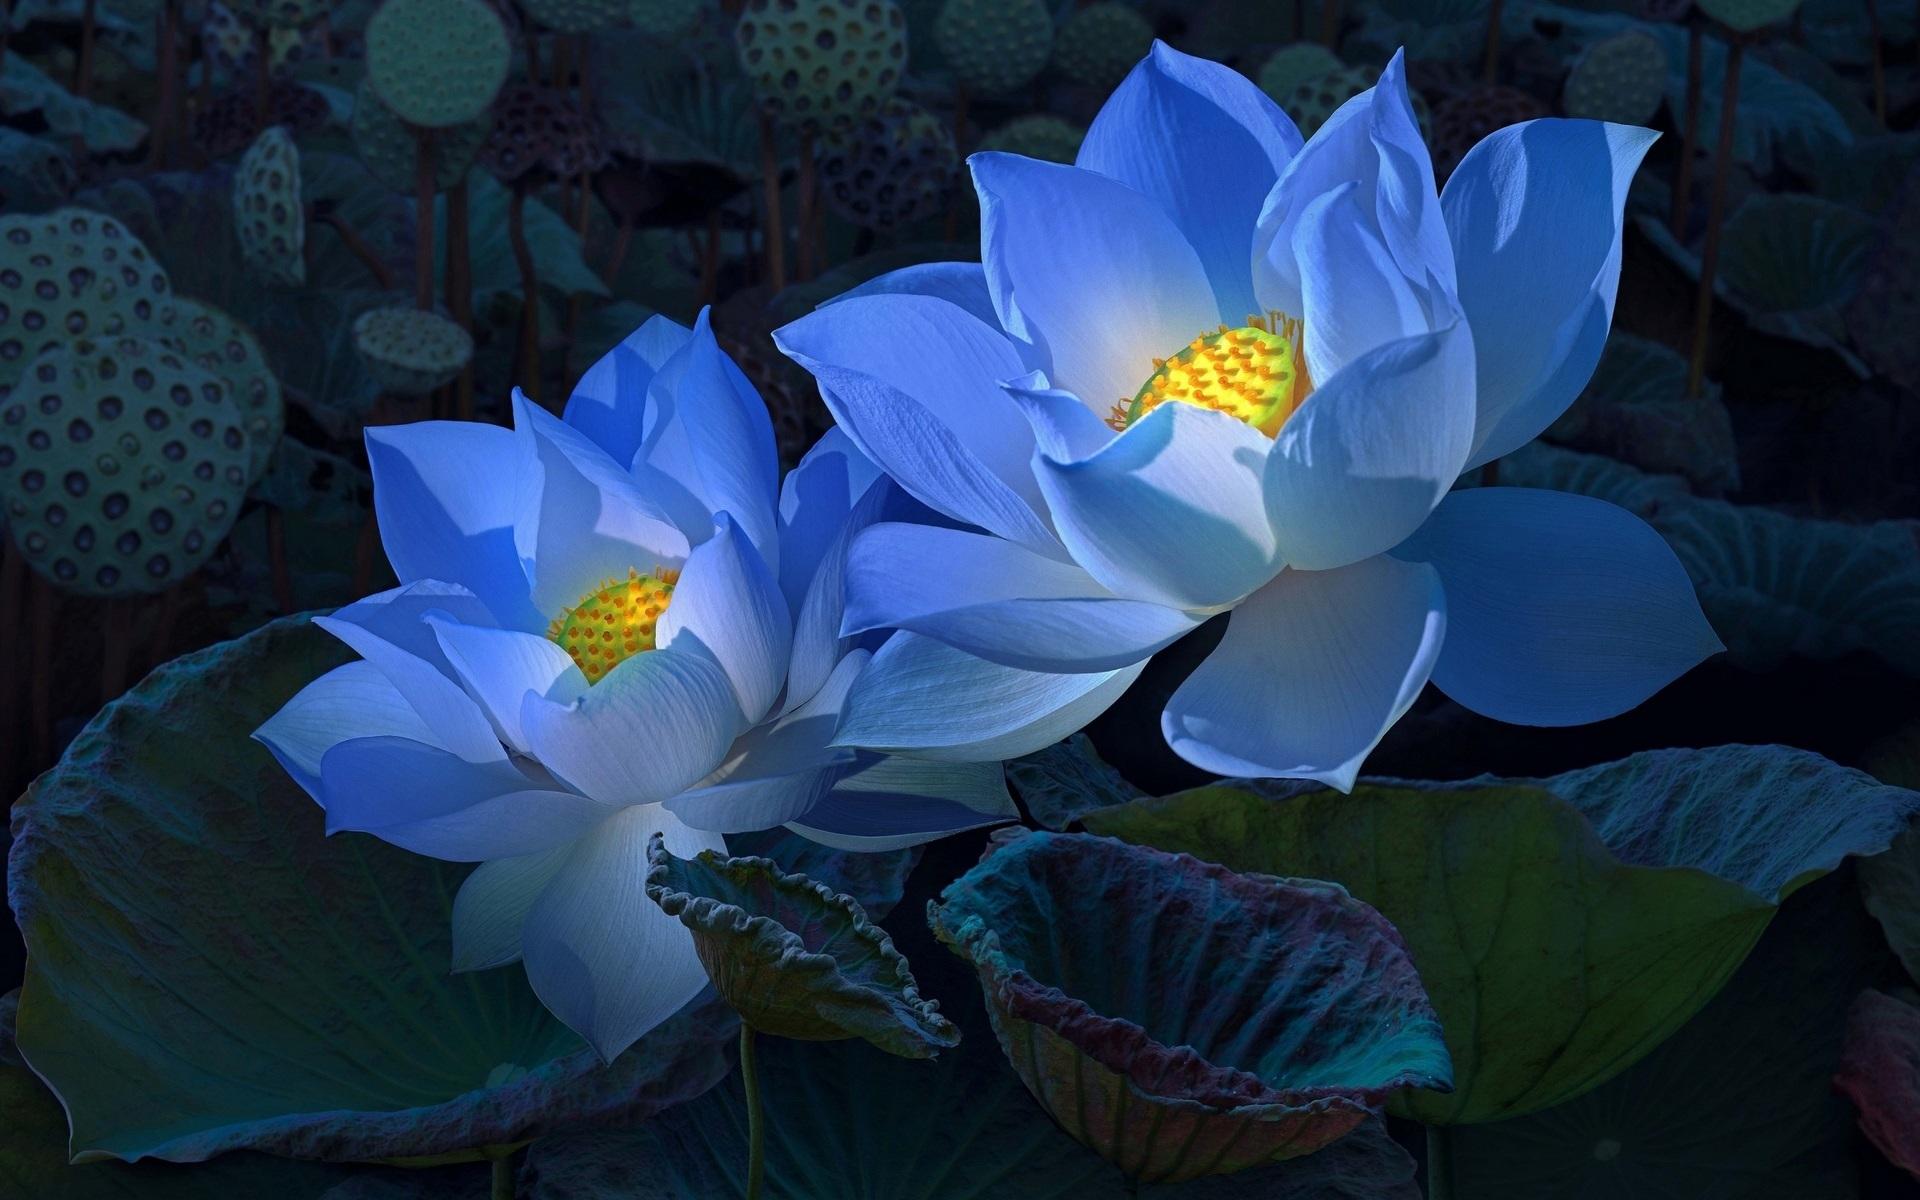 Hình ảnh hoa sen xanh biển nhạt